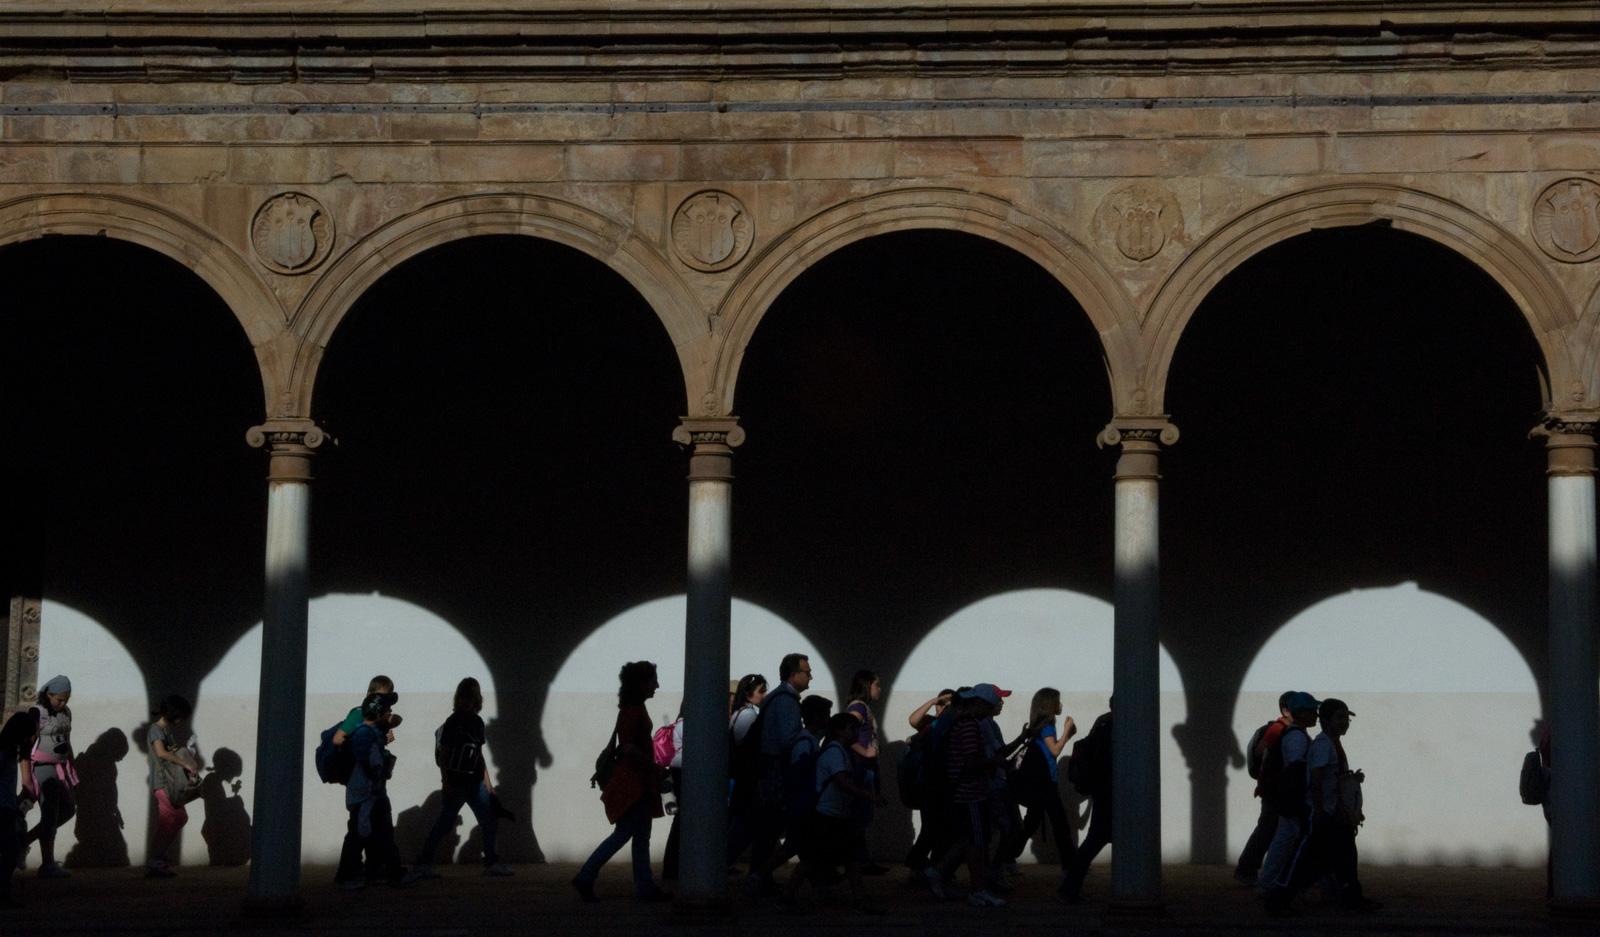 Una comitiva caminando entre arcos de luz. Foto: Manuel Ruiz Toribio.